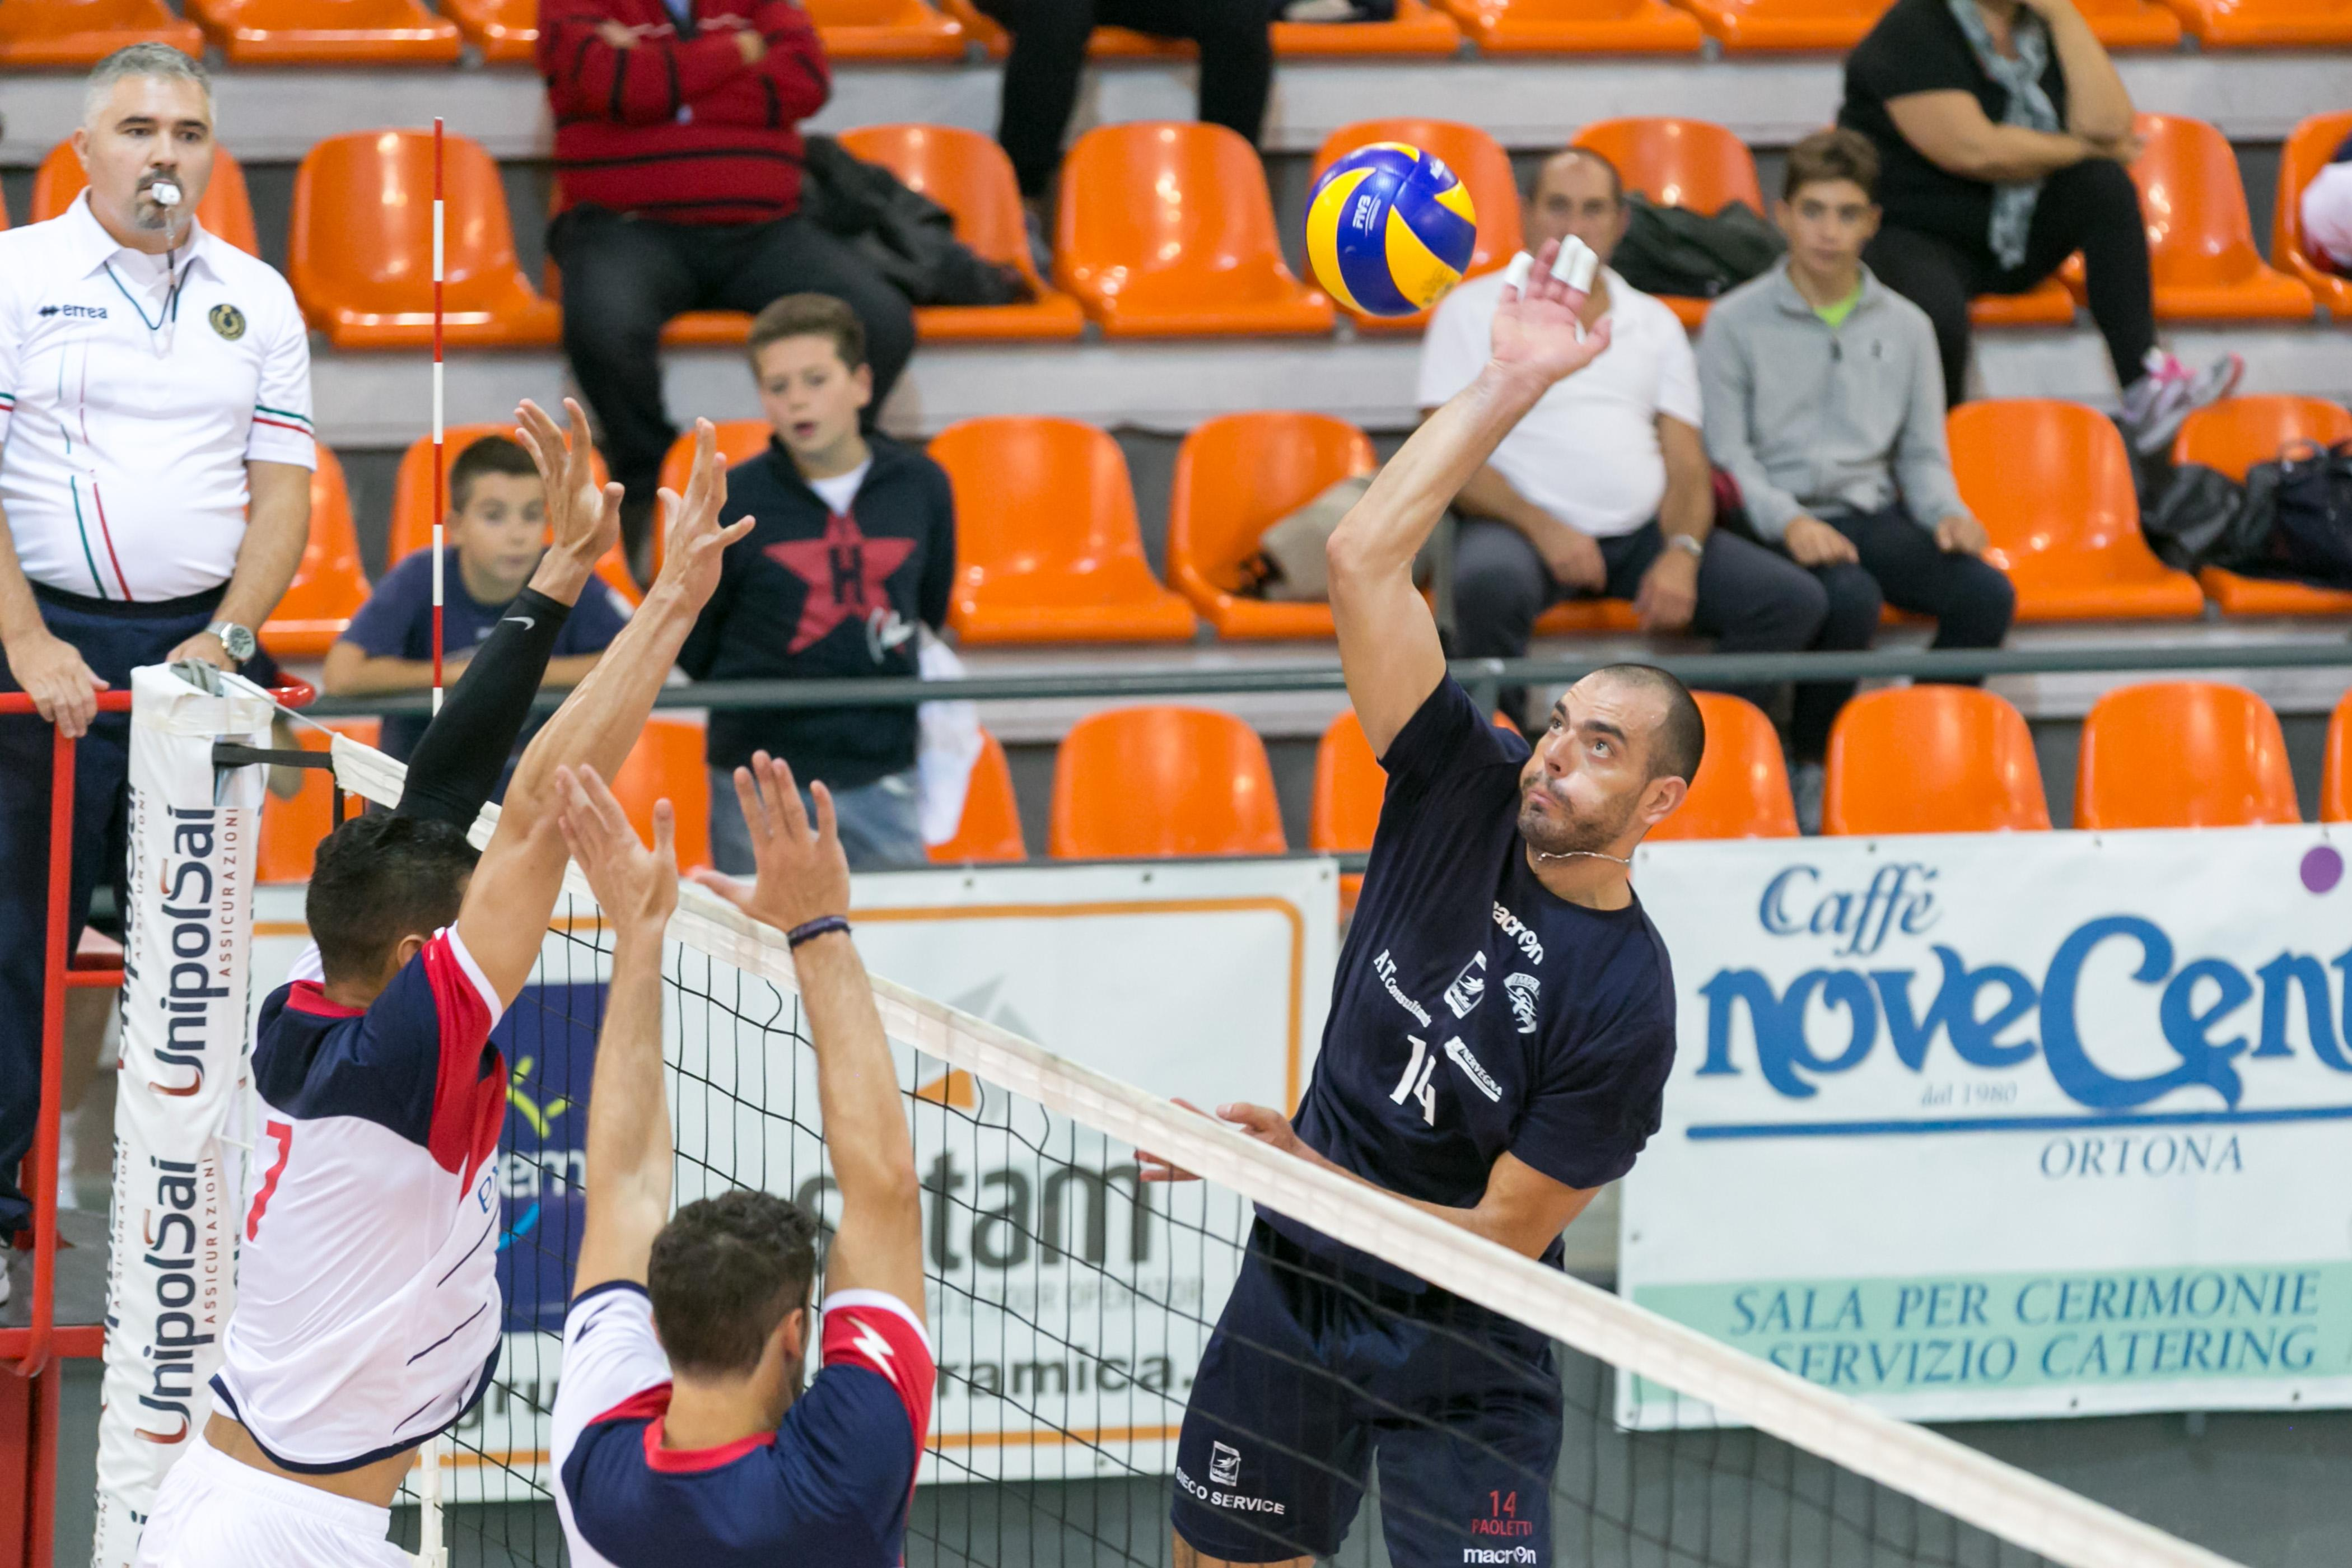 Volley: Impavida Ortona pronta al debutto